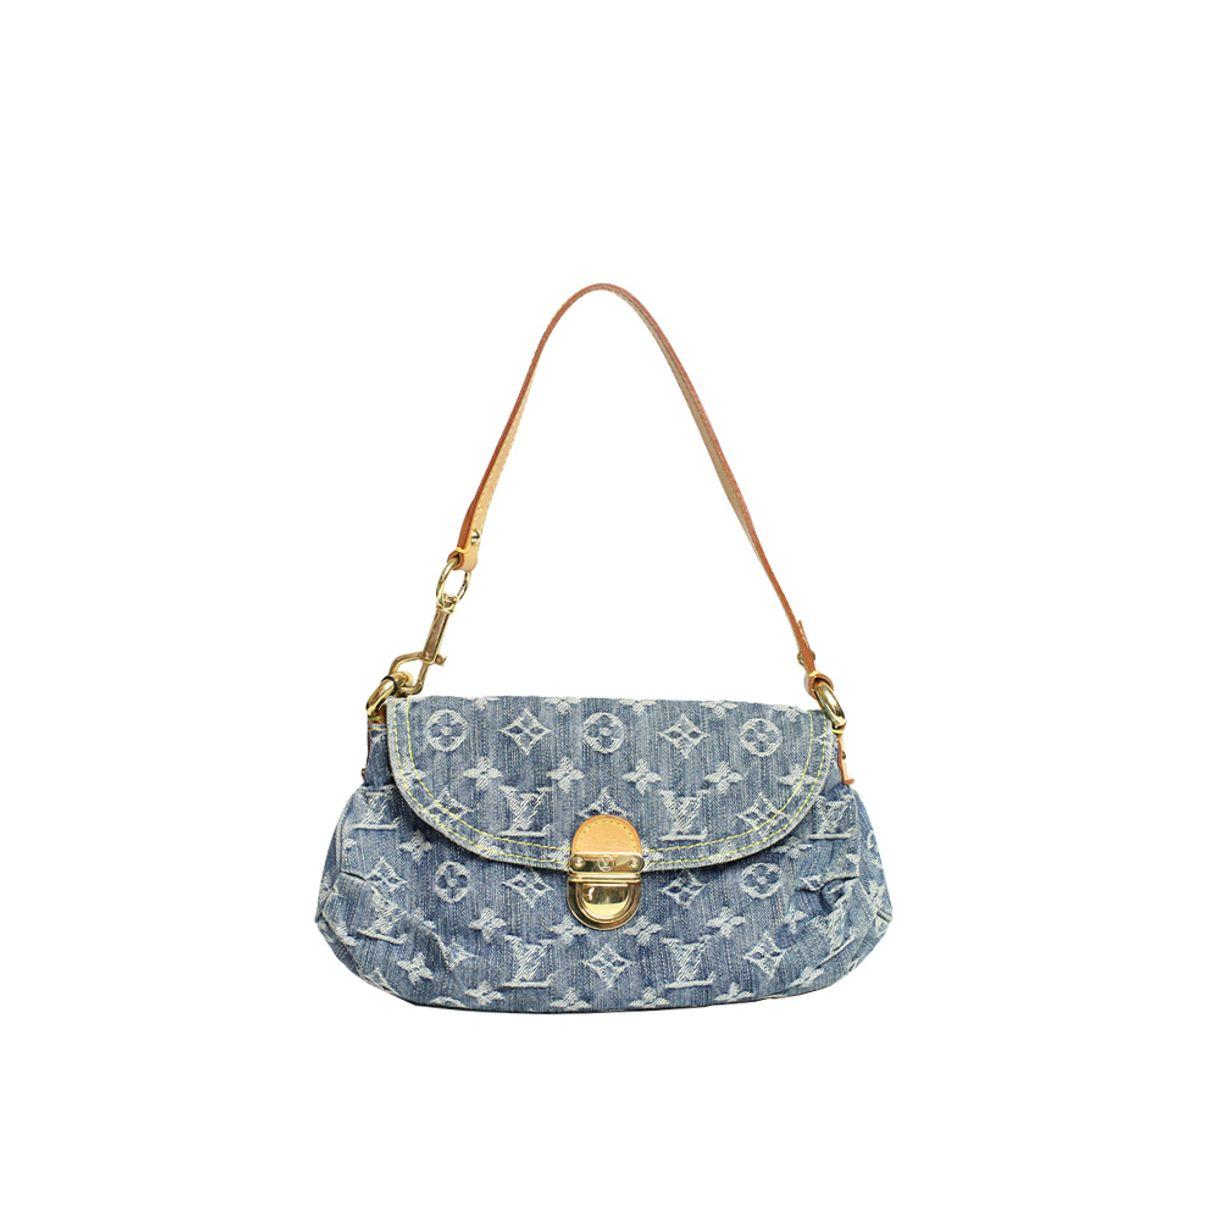 Bolsa-Louis-Vuitton-Monogram-Demim-Mini-Pleaty